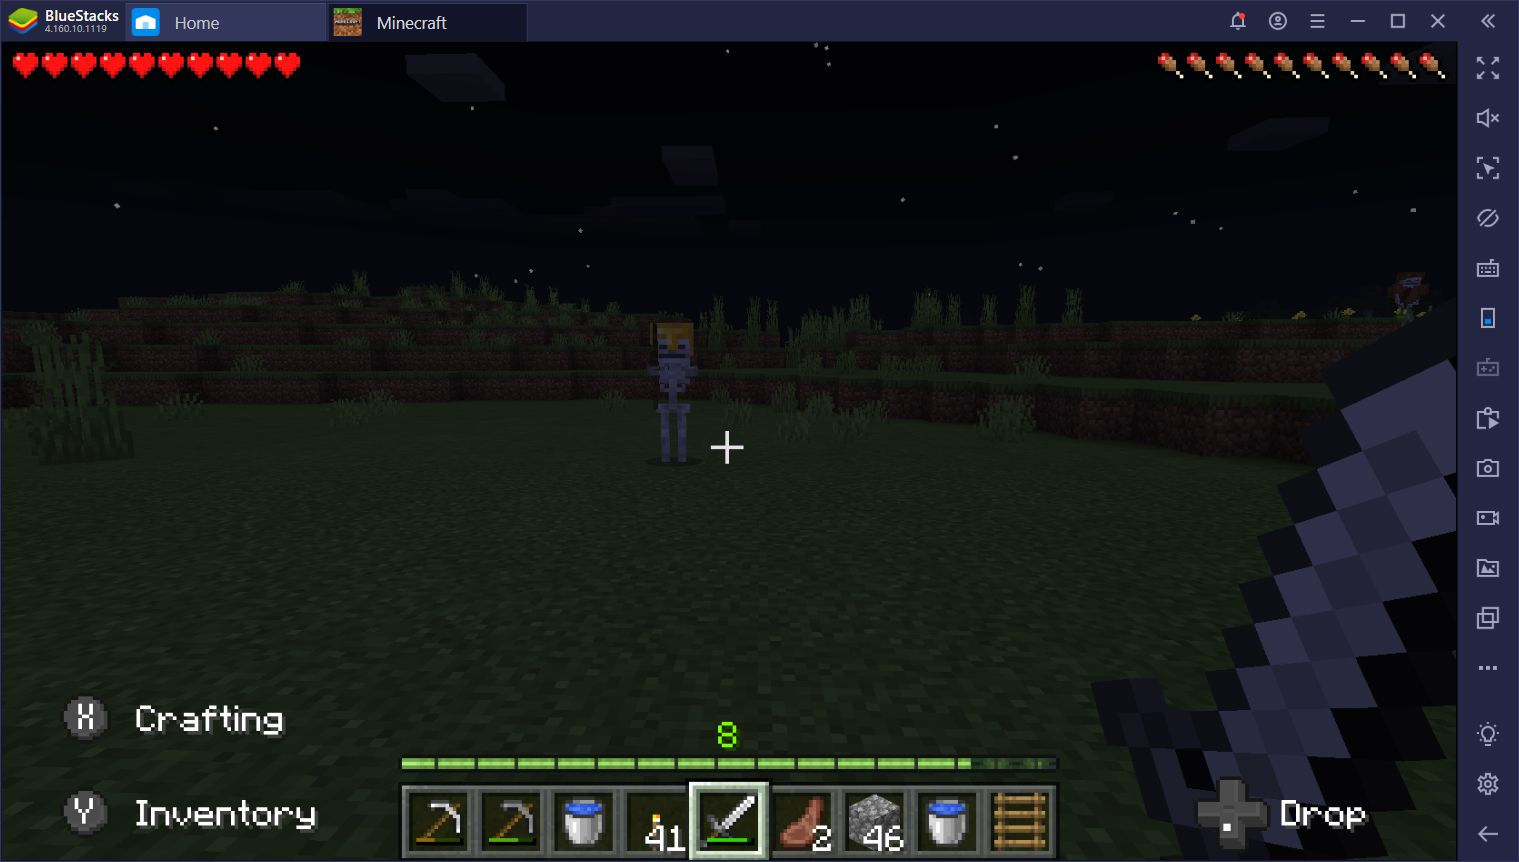 وحوش لعبة Minecraft – أخطر الوحوش التي يجب البحث عنها مبكرًا